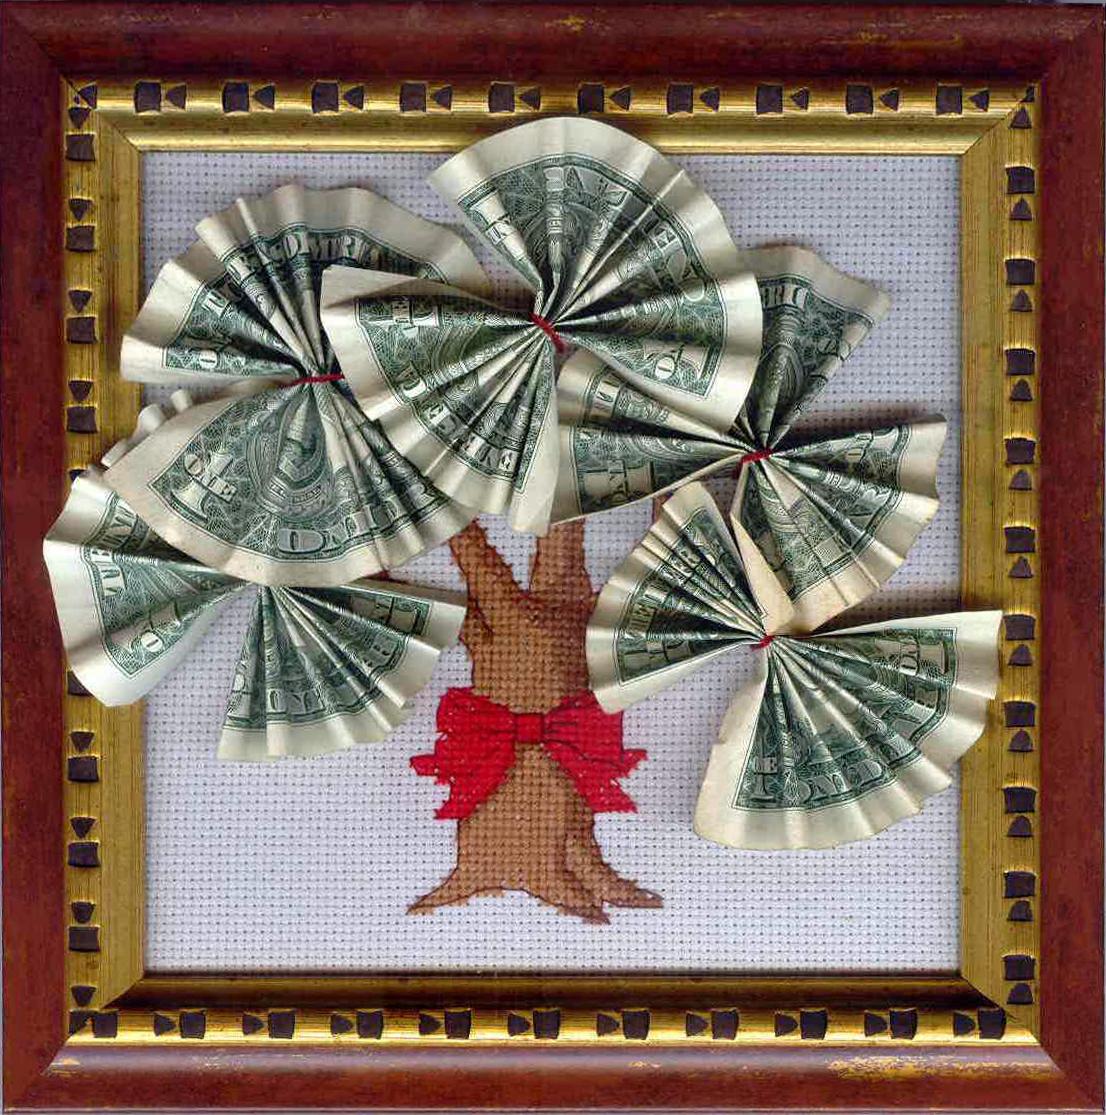 Как оригинально подарить деньги на свадьбу, сколько денег, как 11